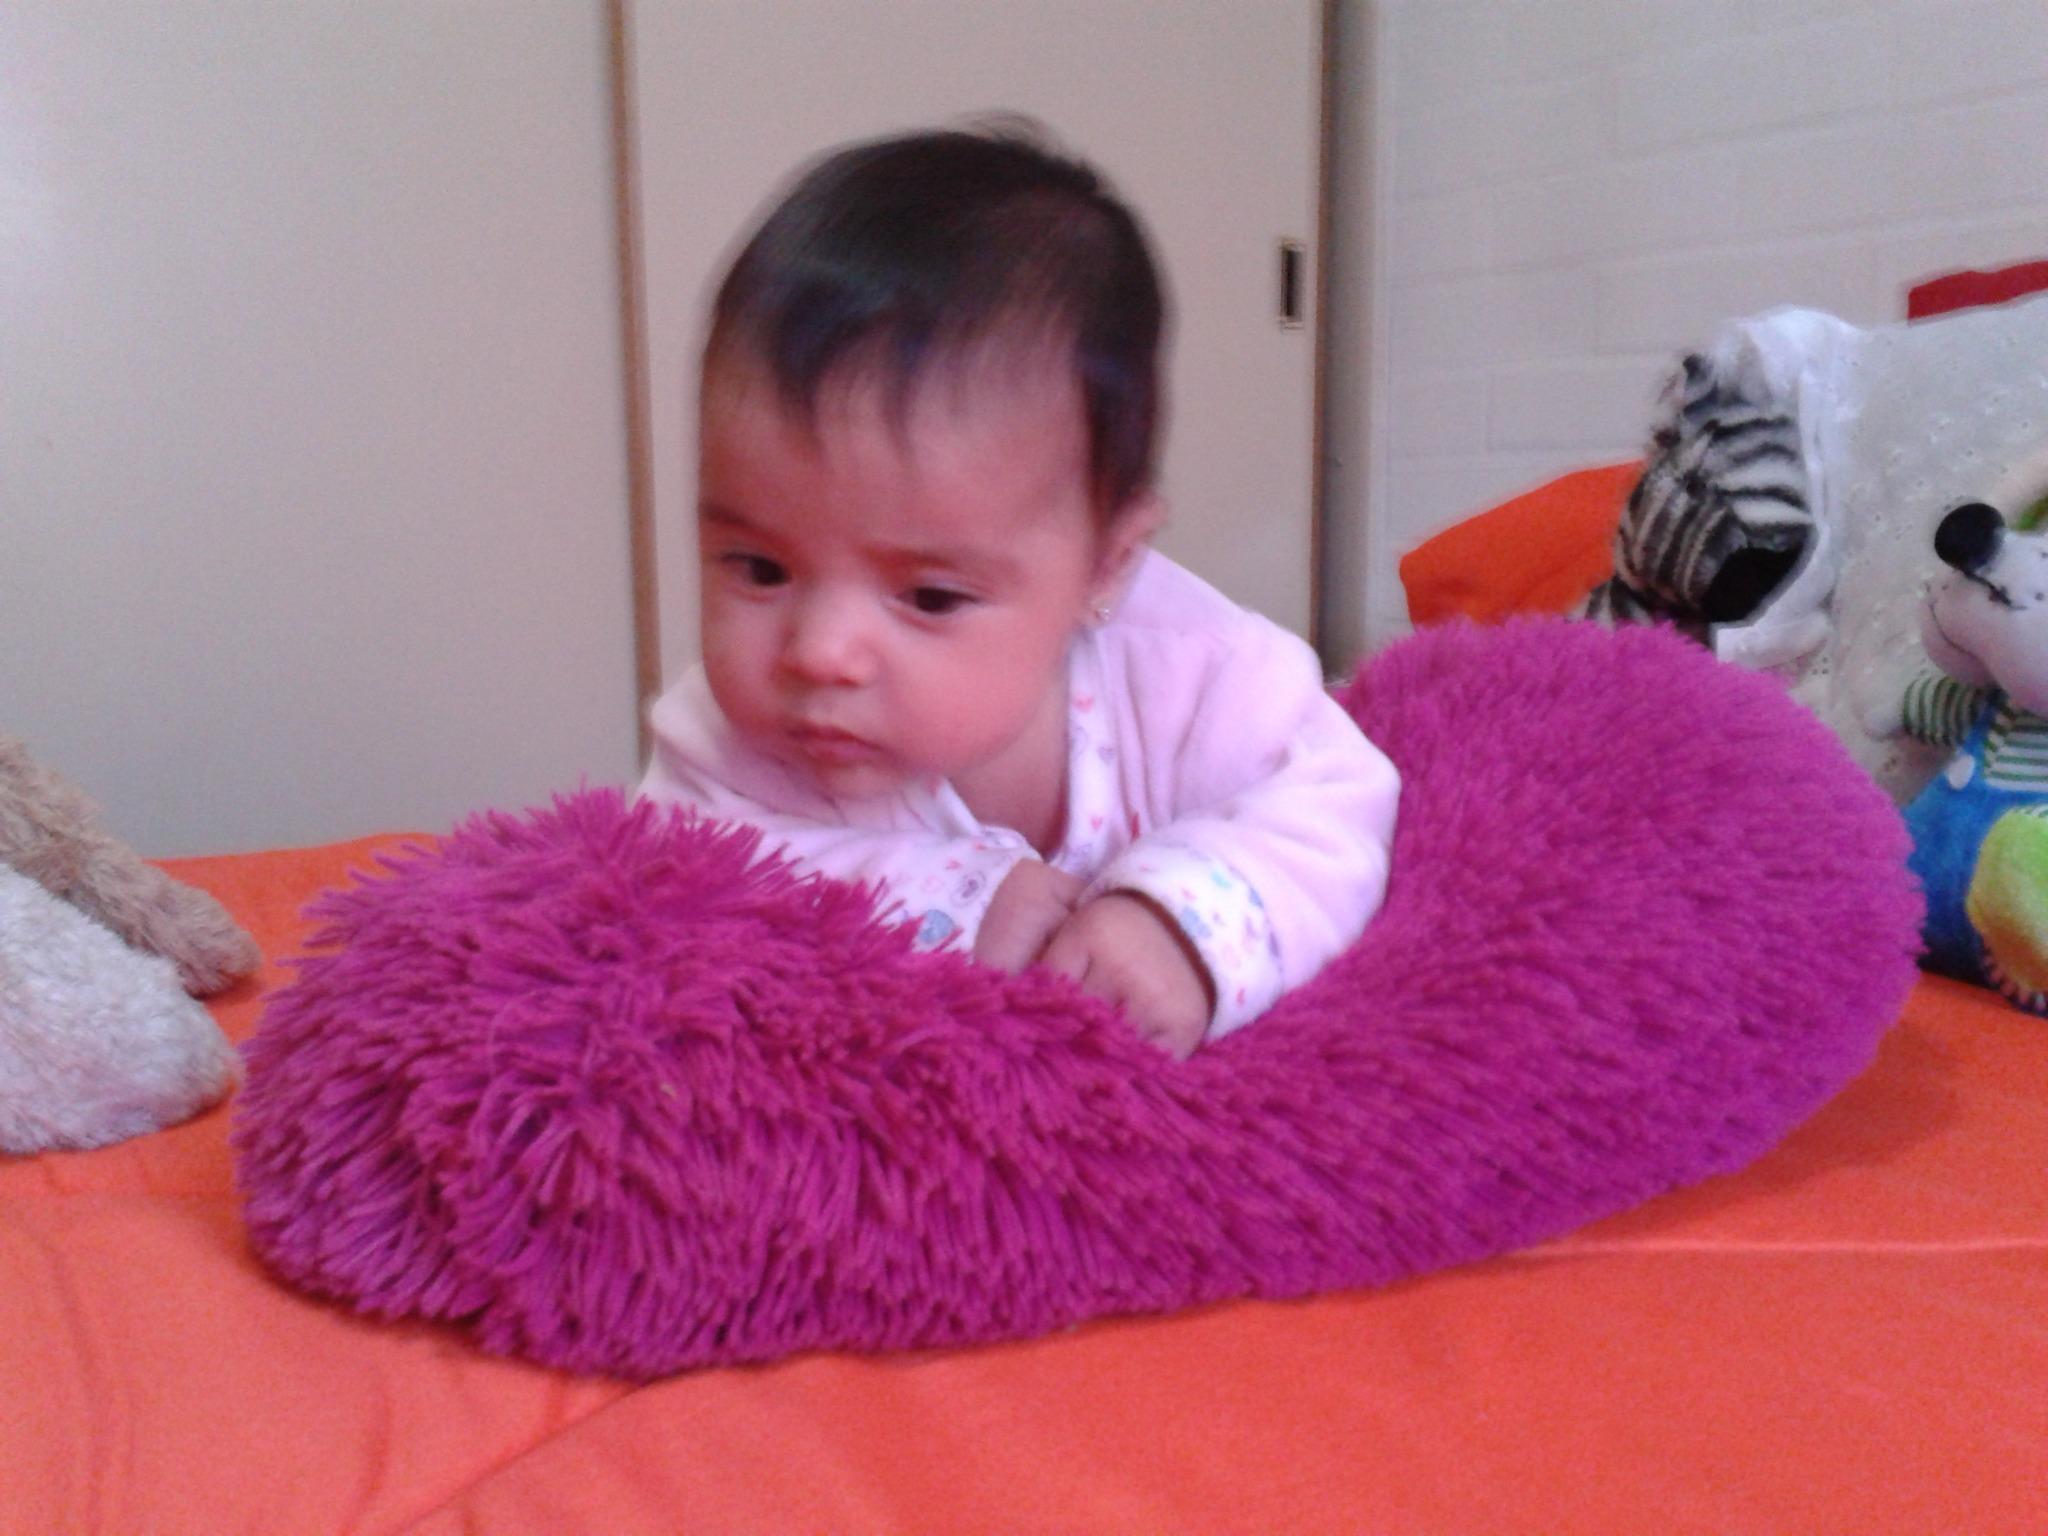 mi preciosa Maite Josefina http://t.co/Q3Hv22FM